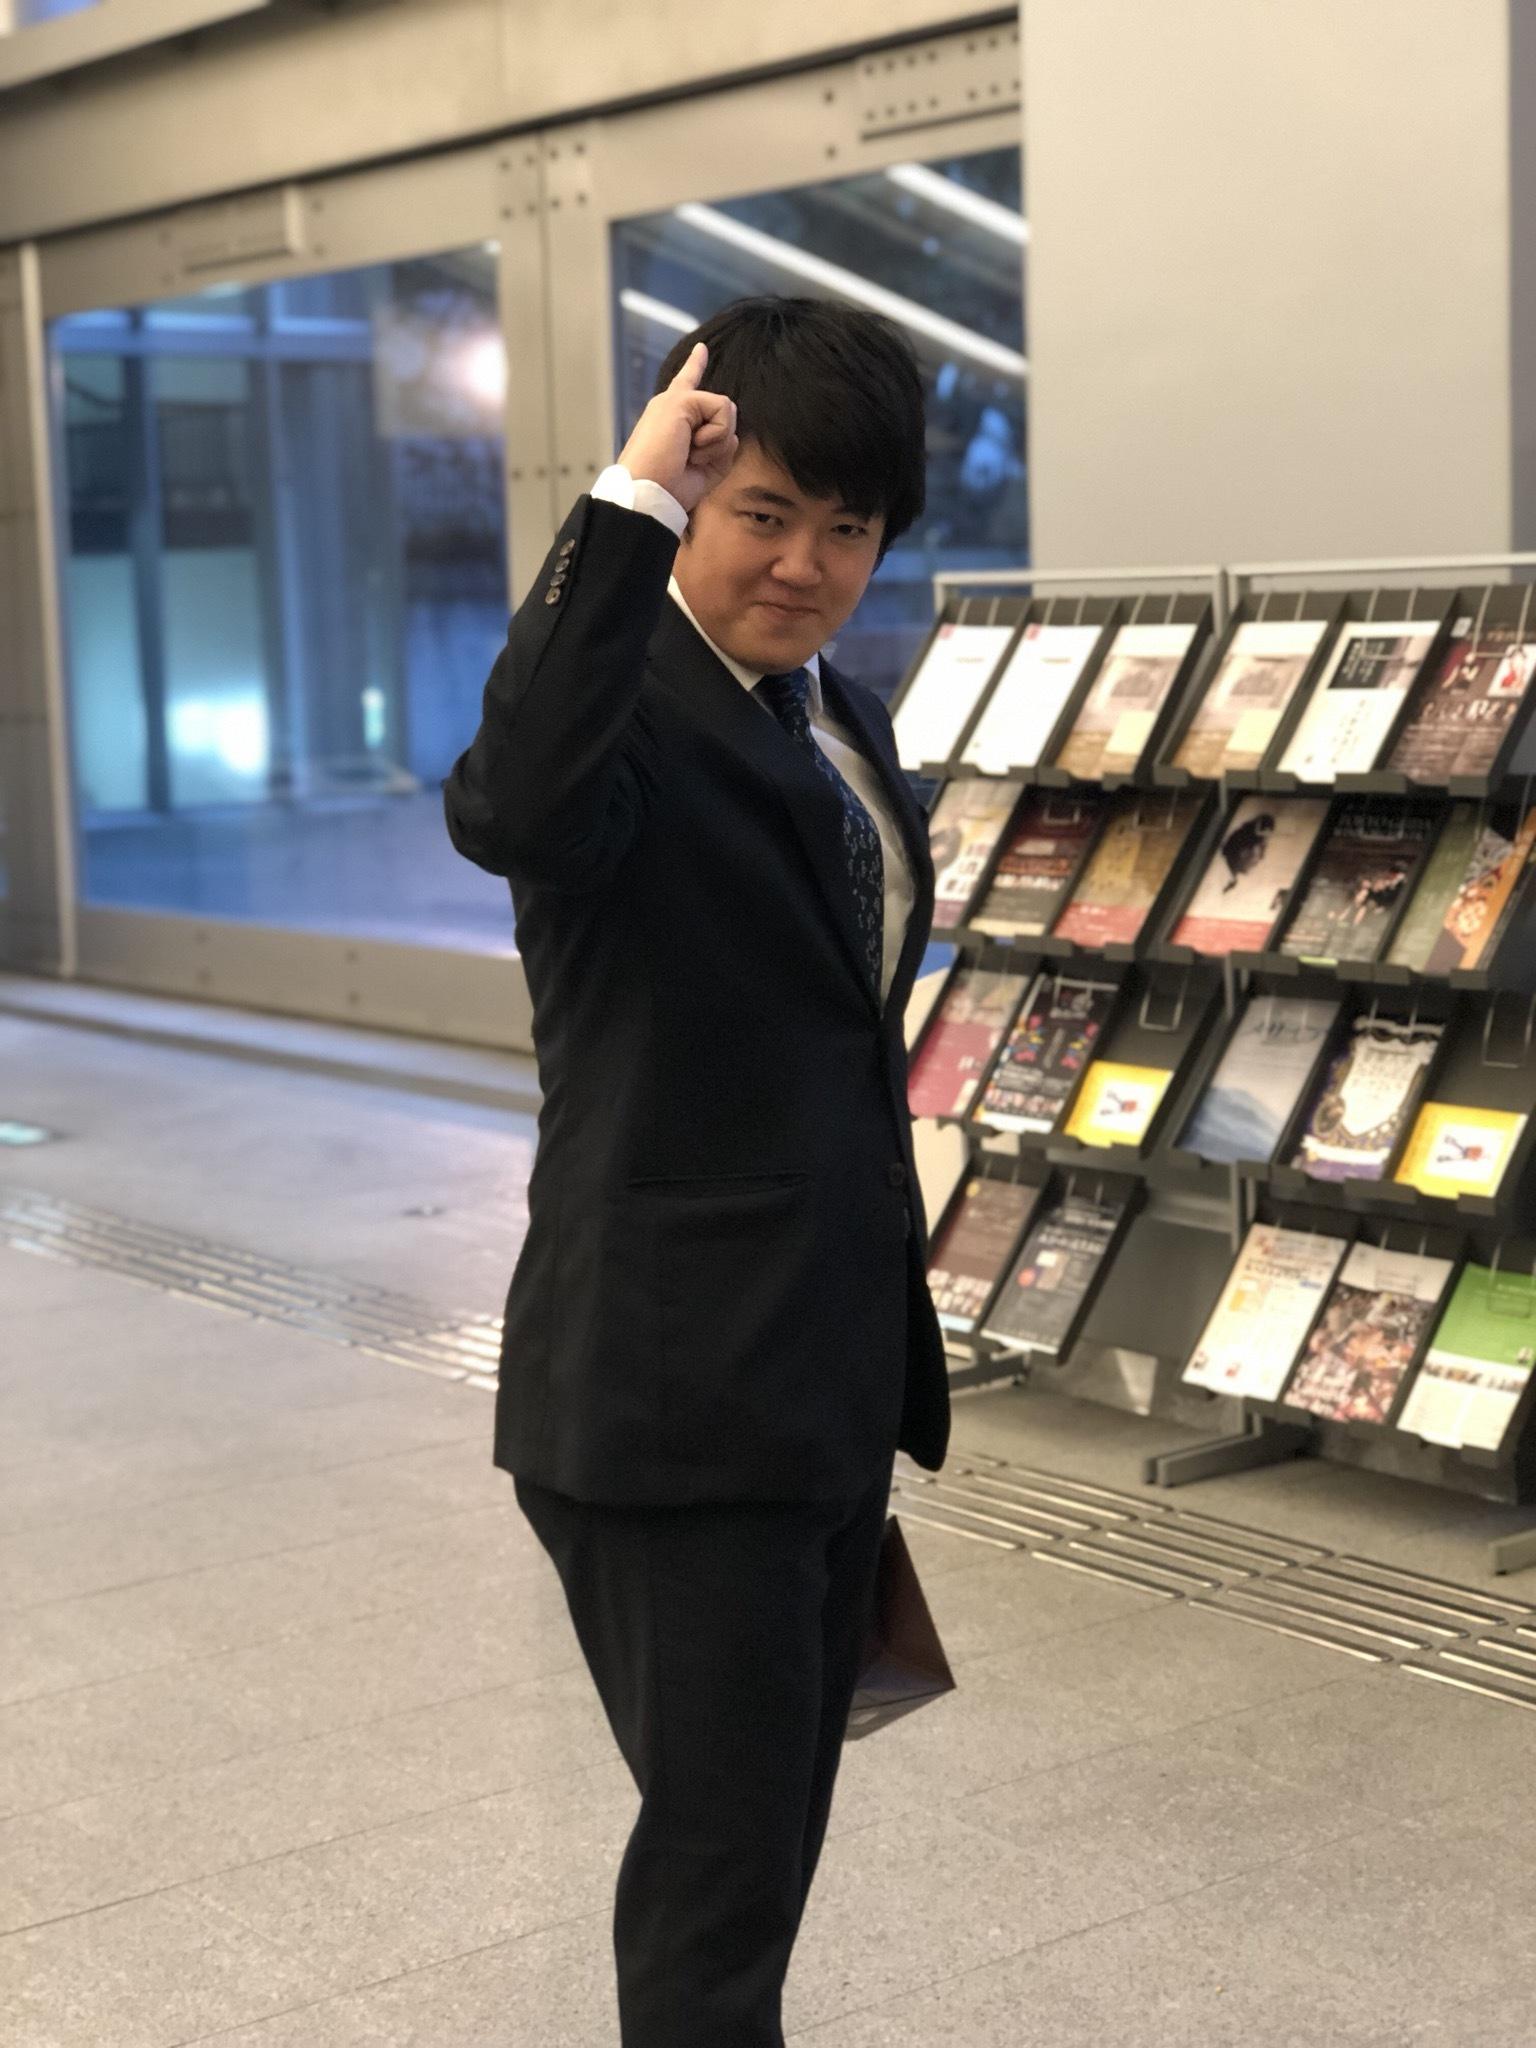 声楽科4年生による学内演奏会へ行ってきました(10月17日)@東京芸術大学奏楽堂10/15〜18_a0157409_08475382.jpeg